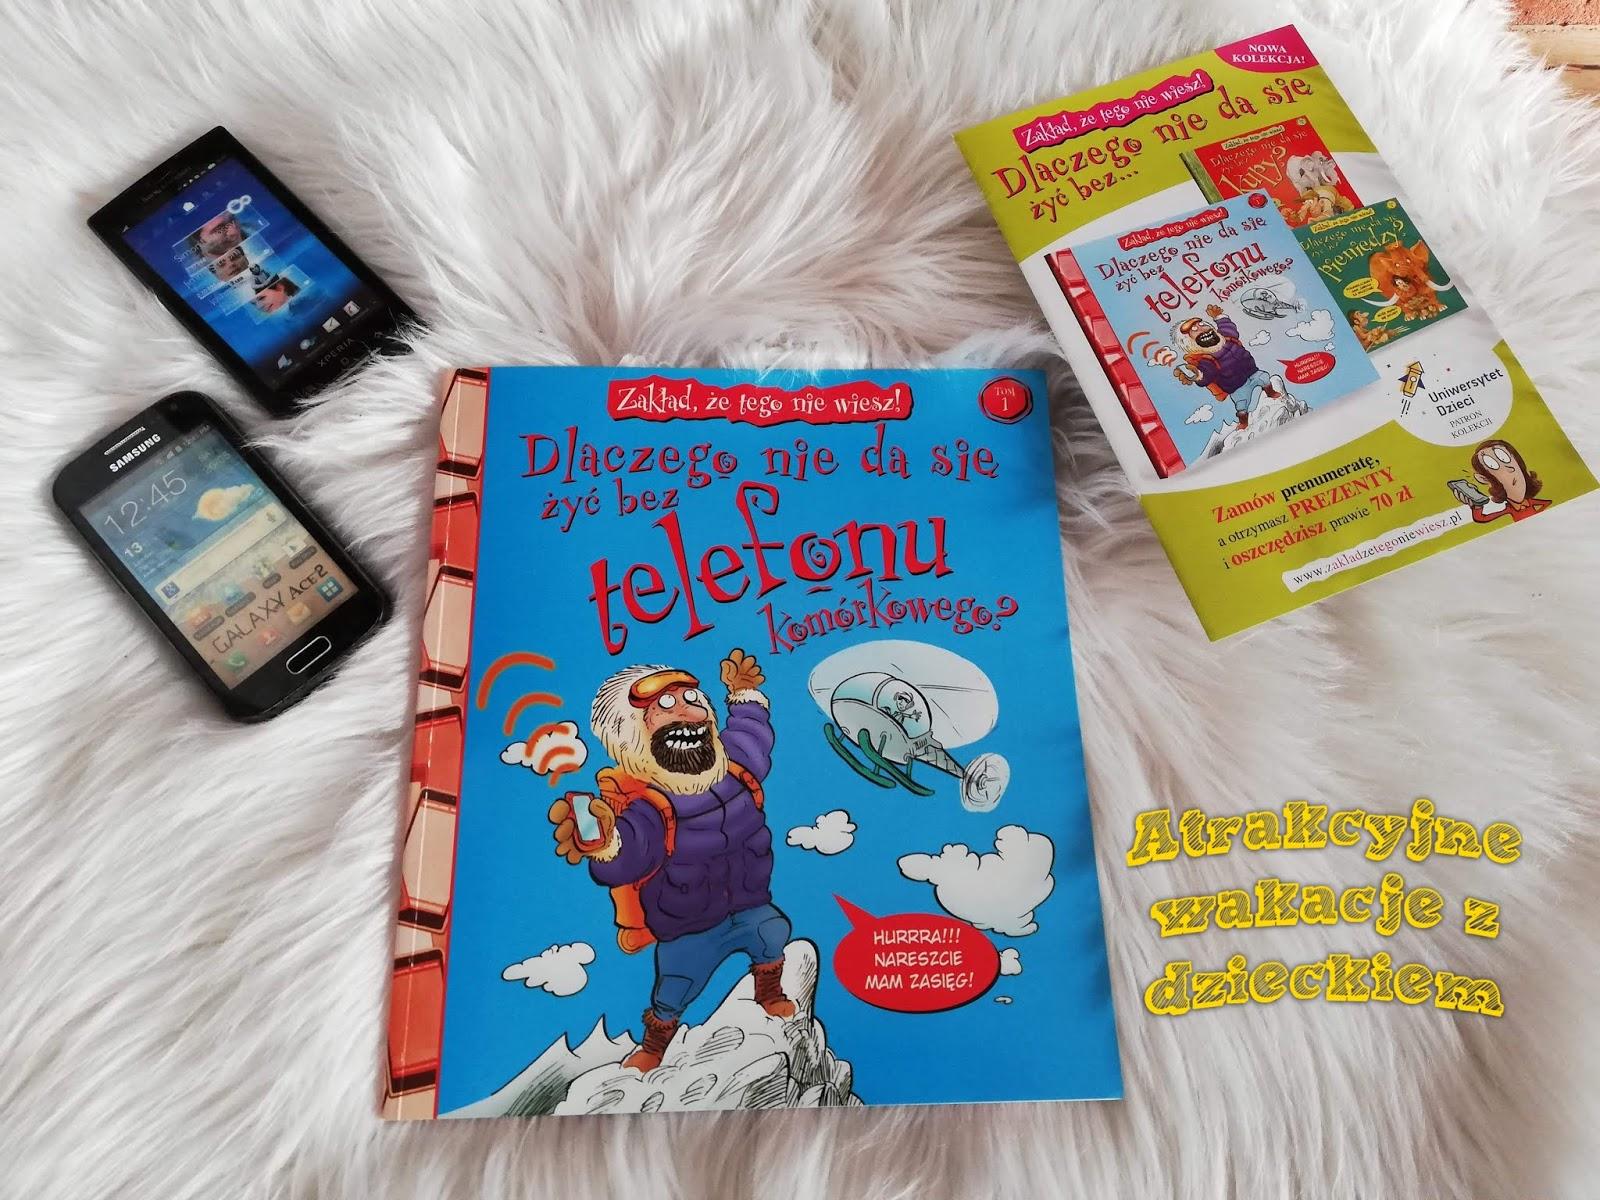 Edipresse i blog atrakcyjne wakacje z dzieckiem